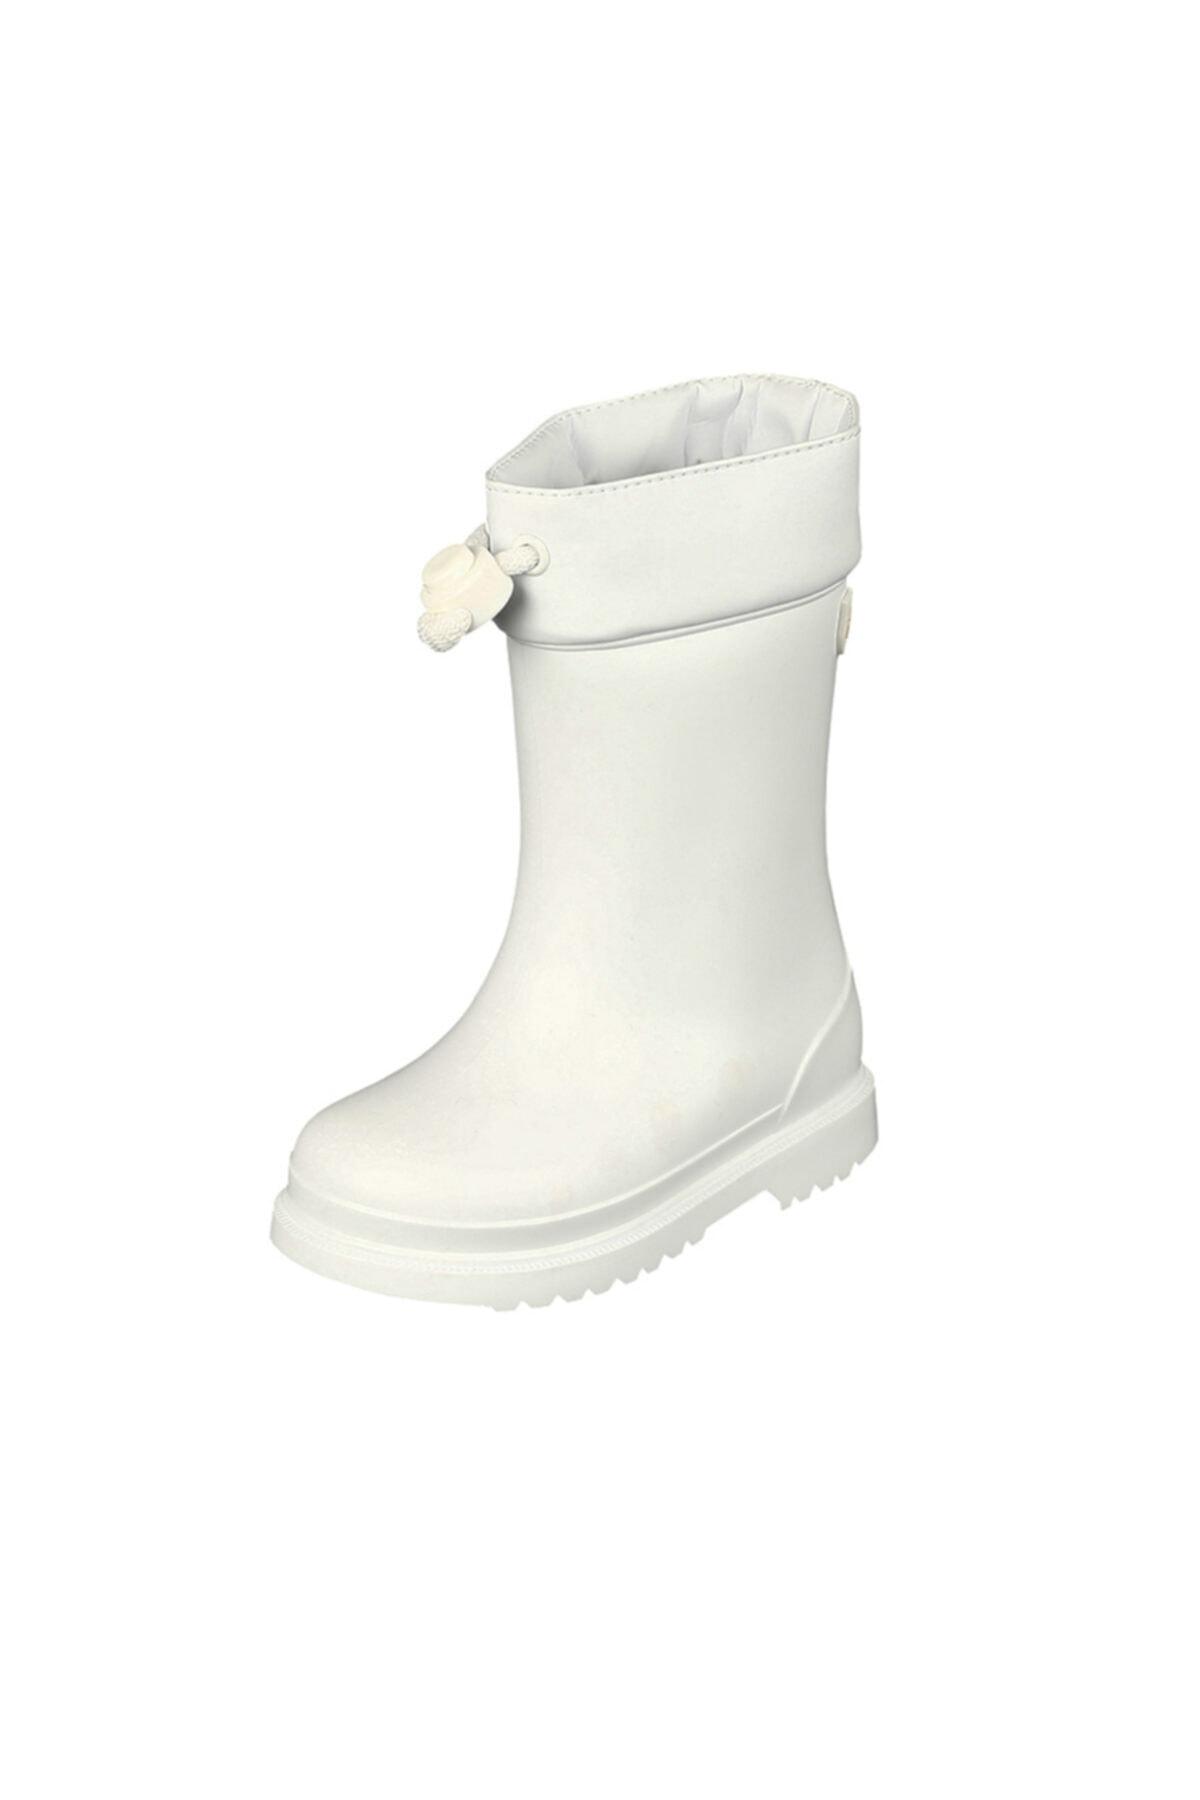 IGOR Chufo Cuello Yağmur Çizmesi 2